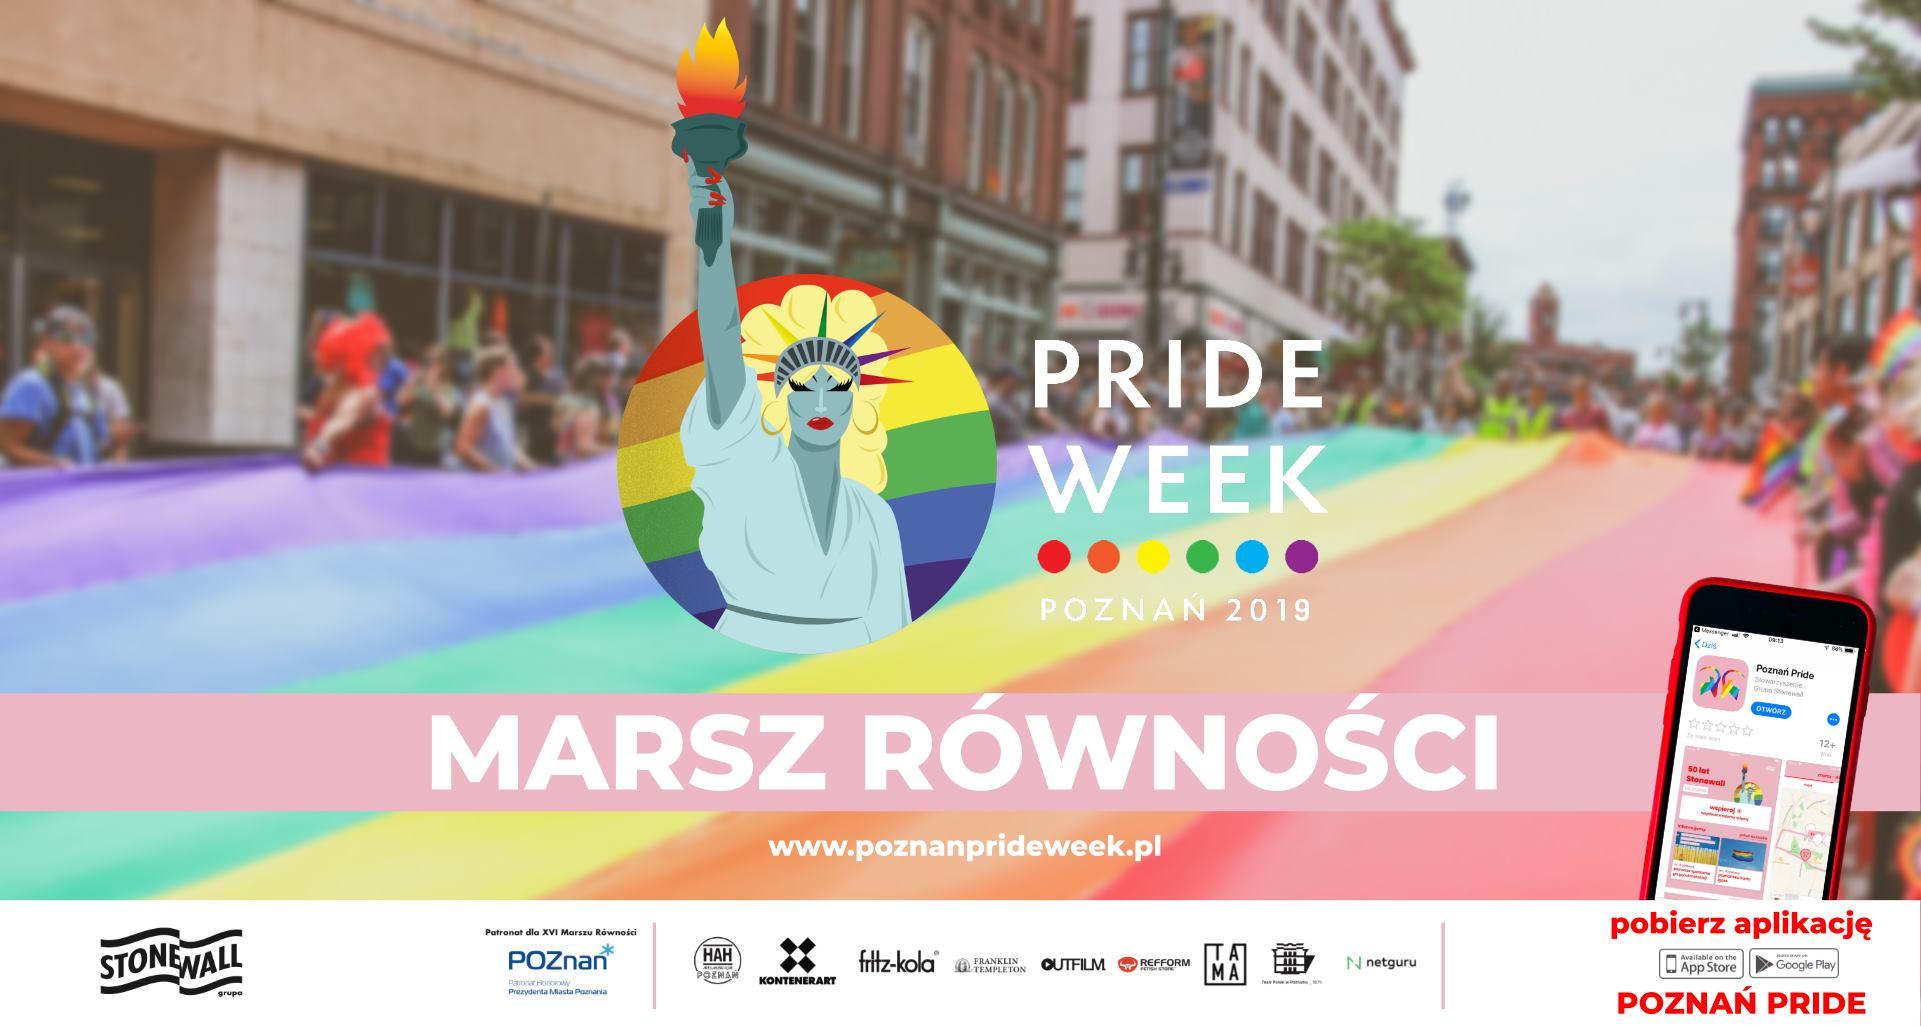 Marsz Równości / Poznań Pride Week 2019